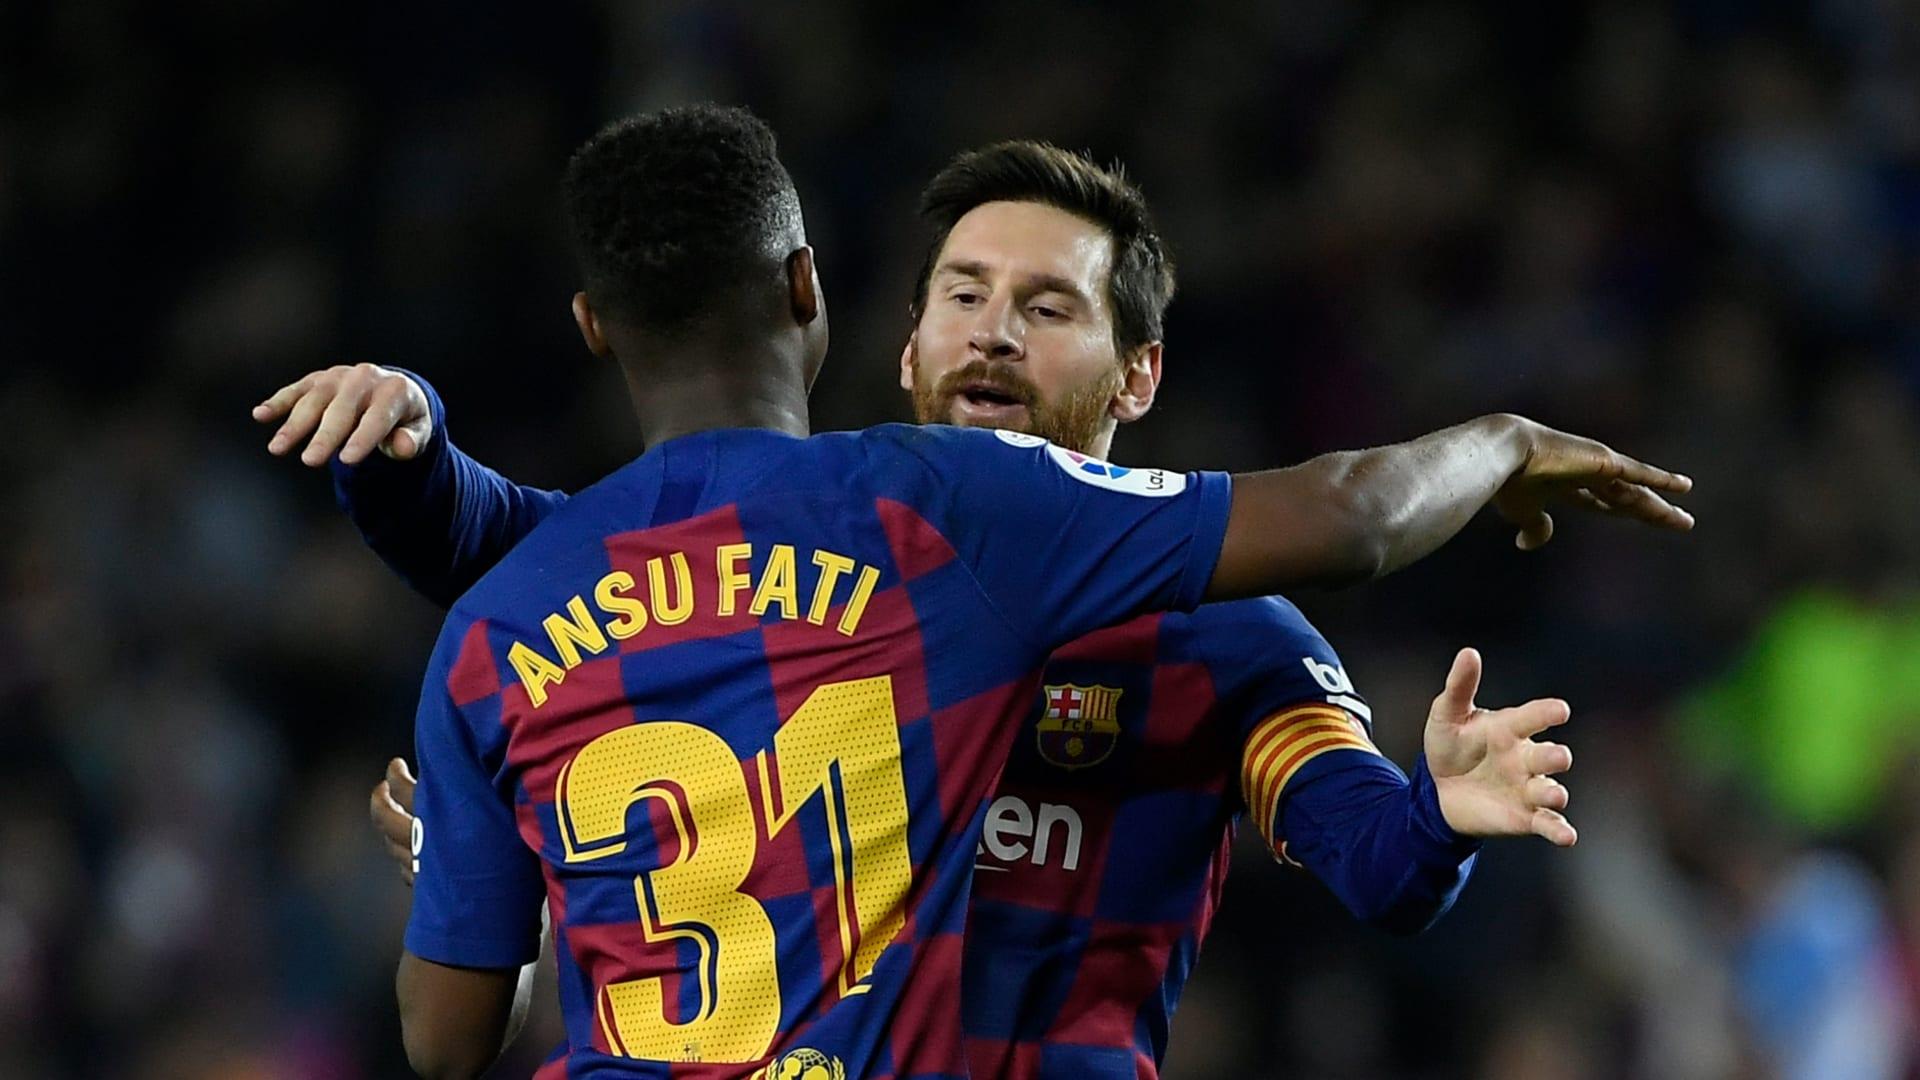 برشلونة يكشف هوية اللاعب الذي سيحمل رقم ميسي.. فمن هو؟